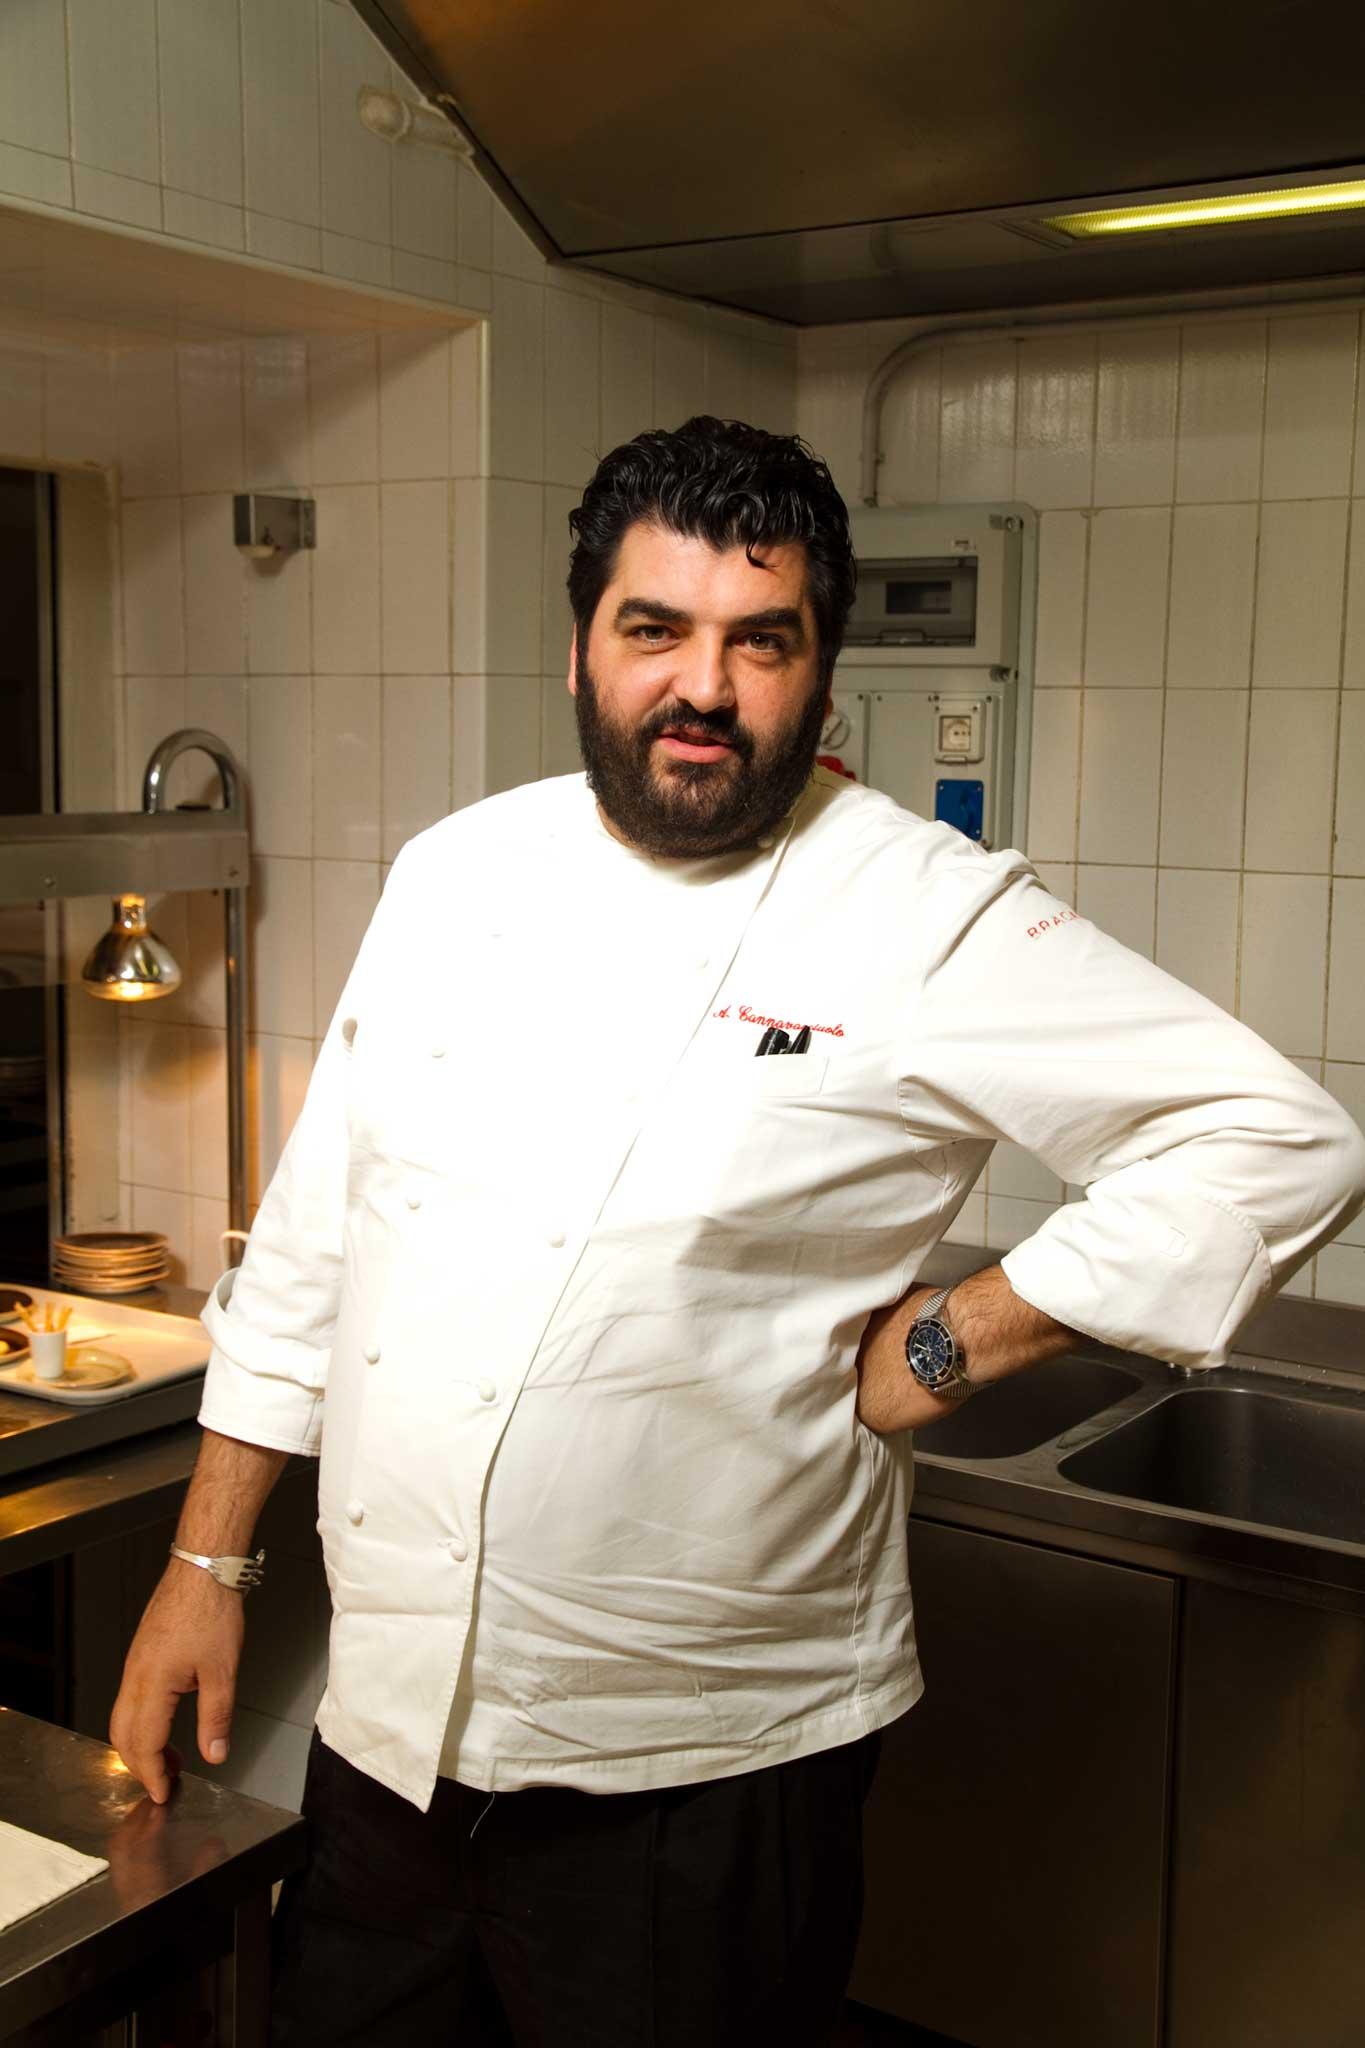 Villa crespi di antonino cannavacciuolo un ristorante da - Libro cucina cannavacciuolo ...